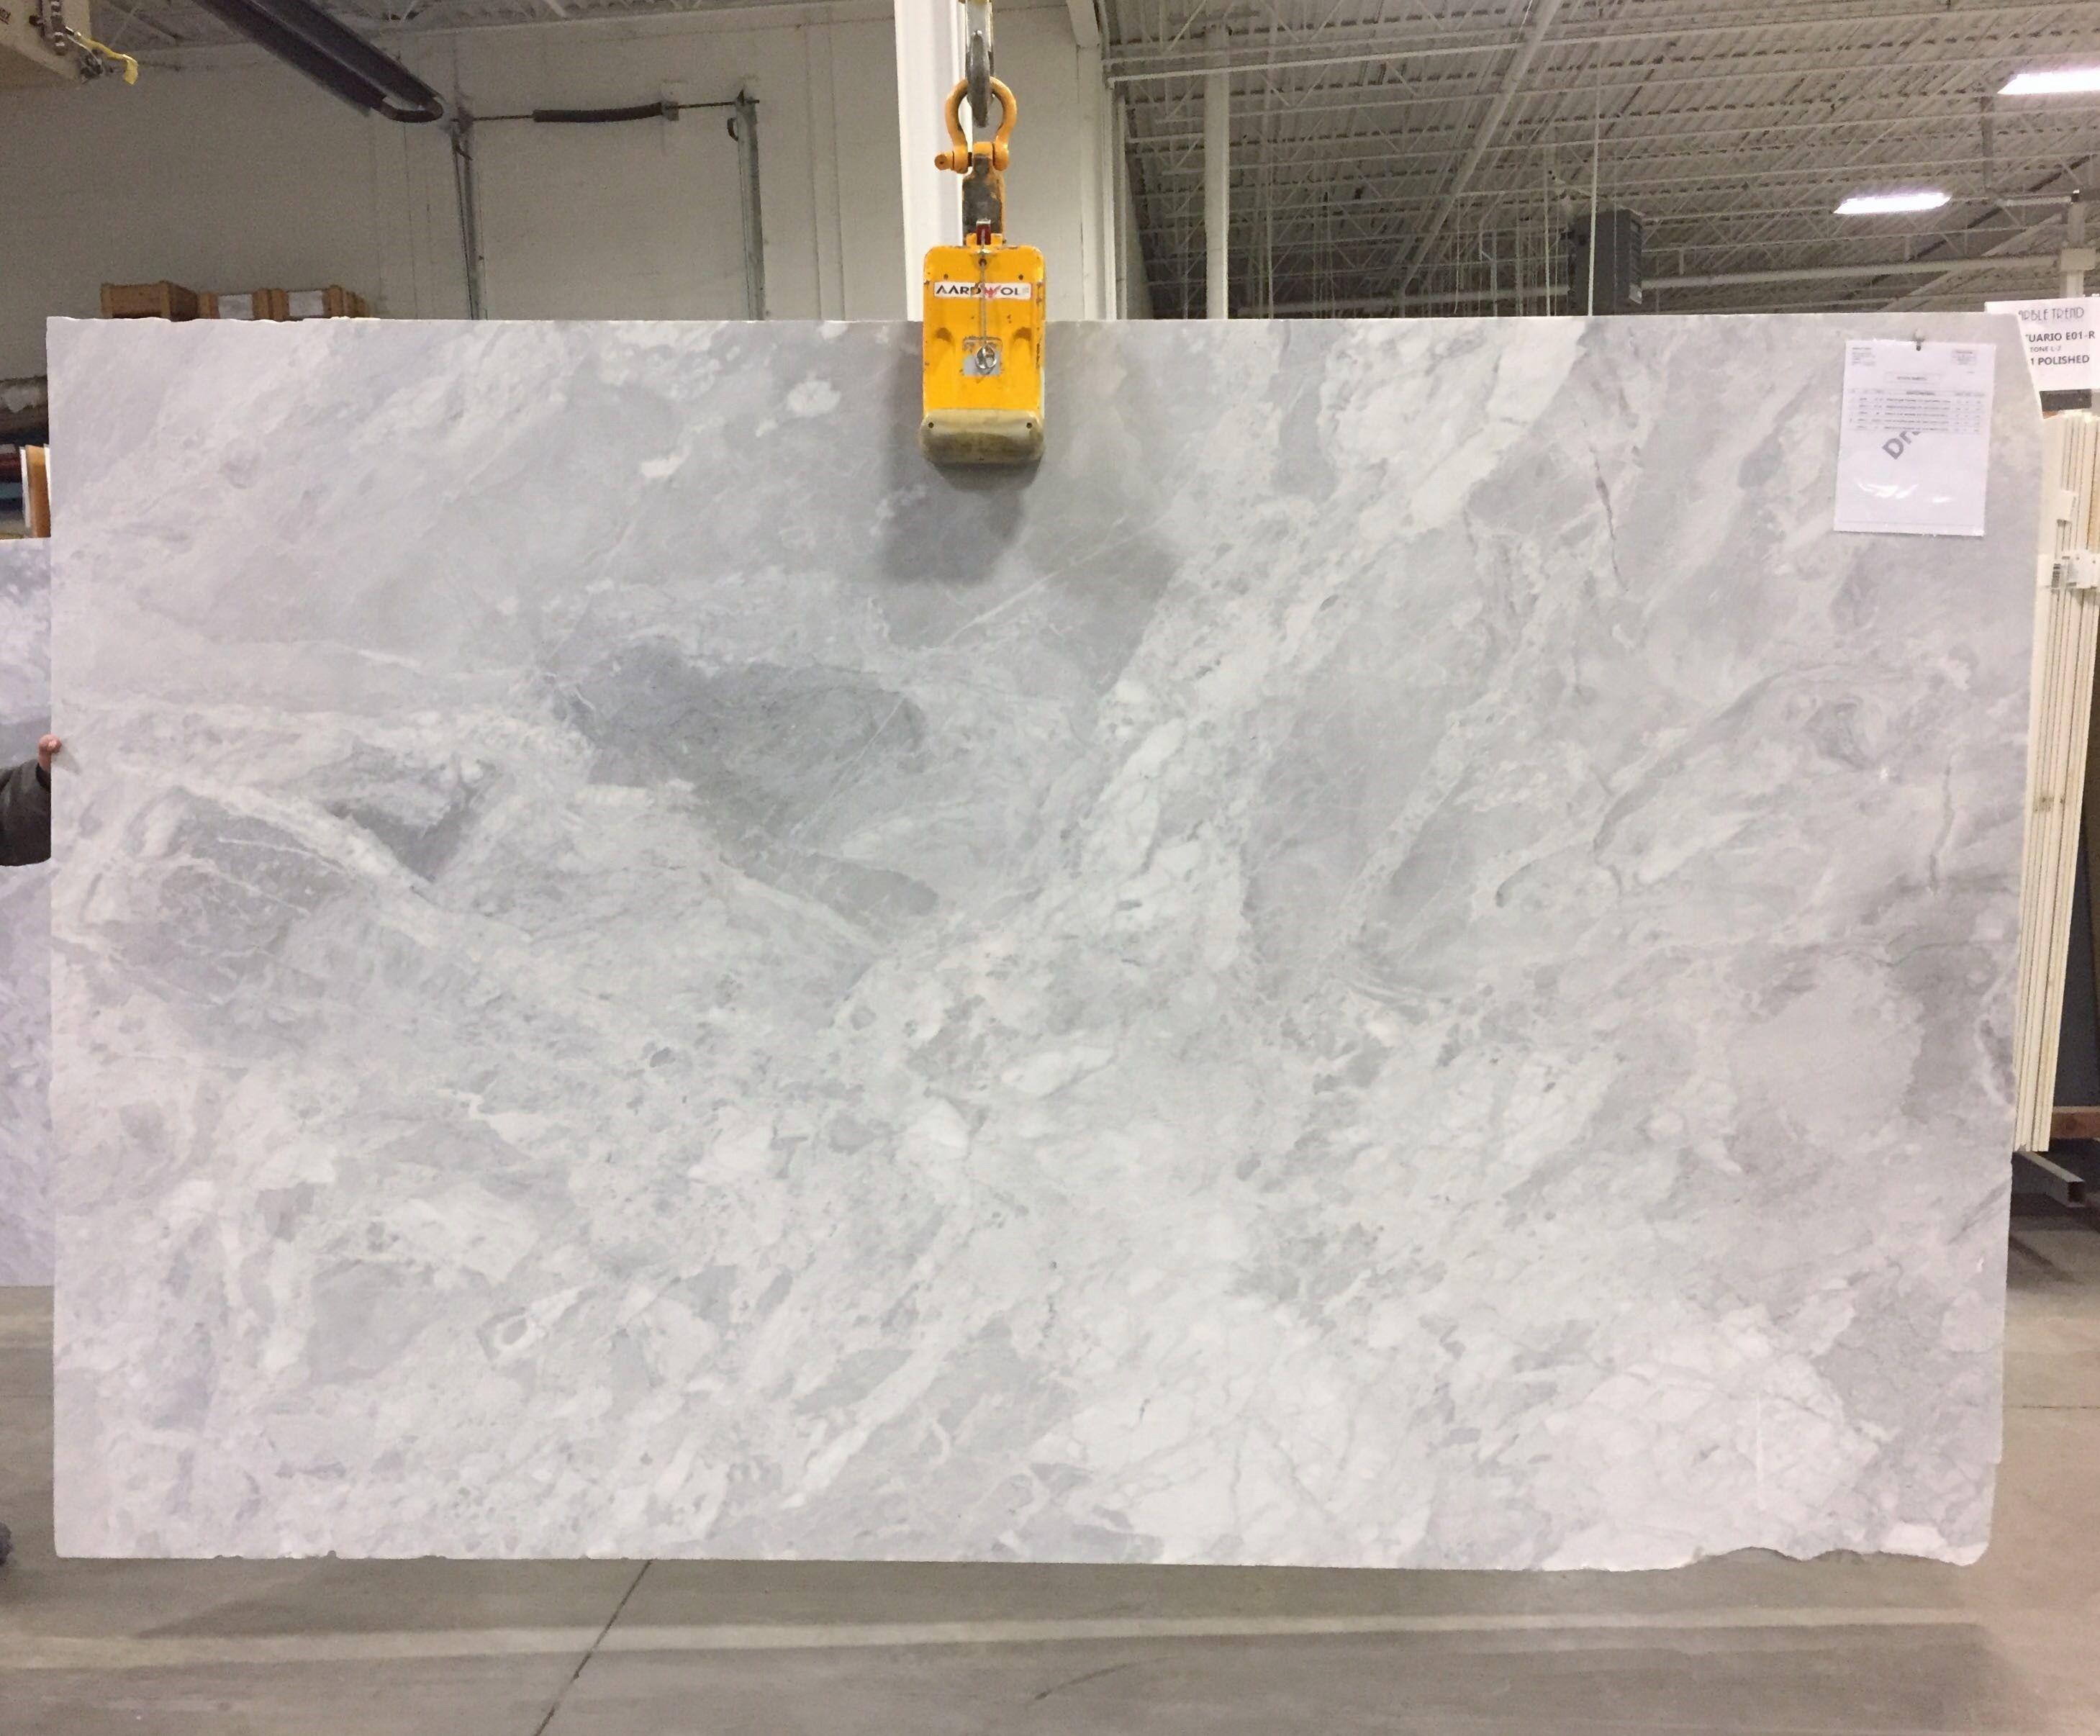 Versilis Slabs Marble Trend Marble Granite Tiles Toronto Ontario Marble Trend Marble Granite Tiles Toronto Marble Trend Slab Toronto Ontario